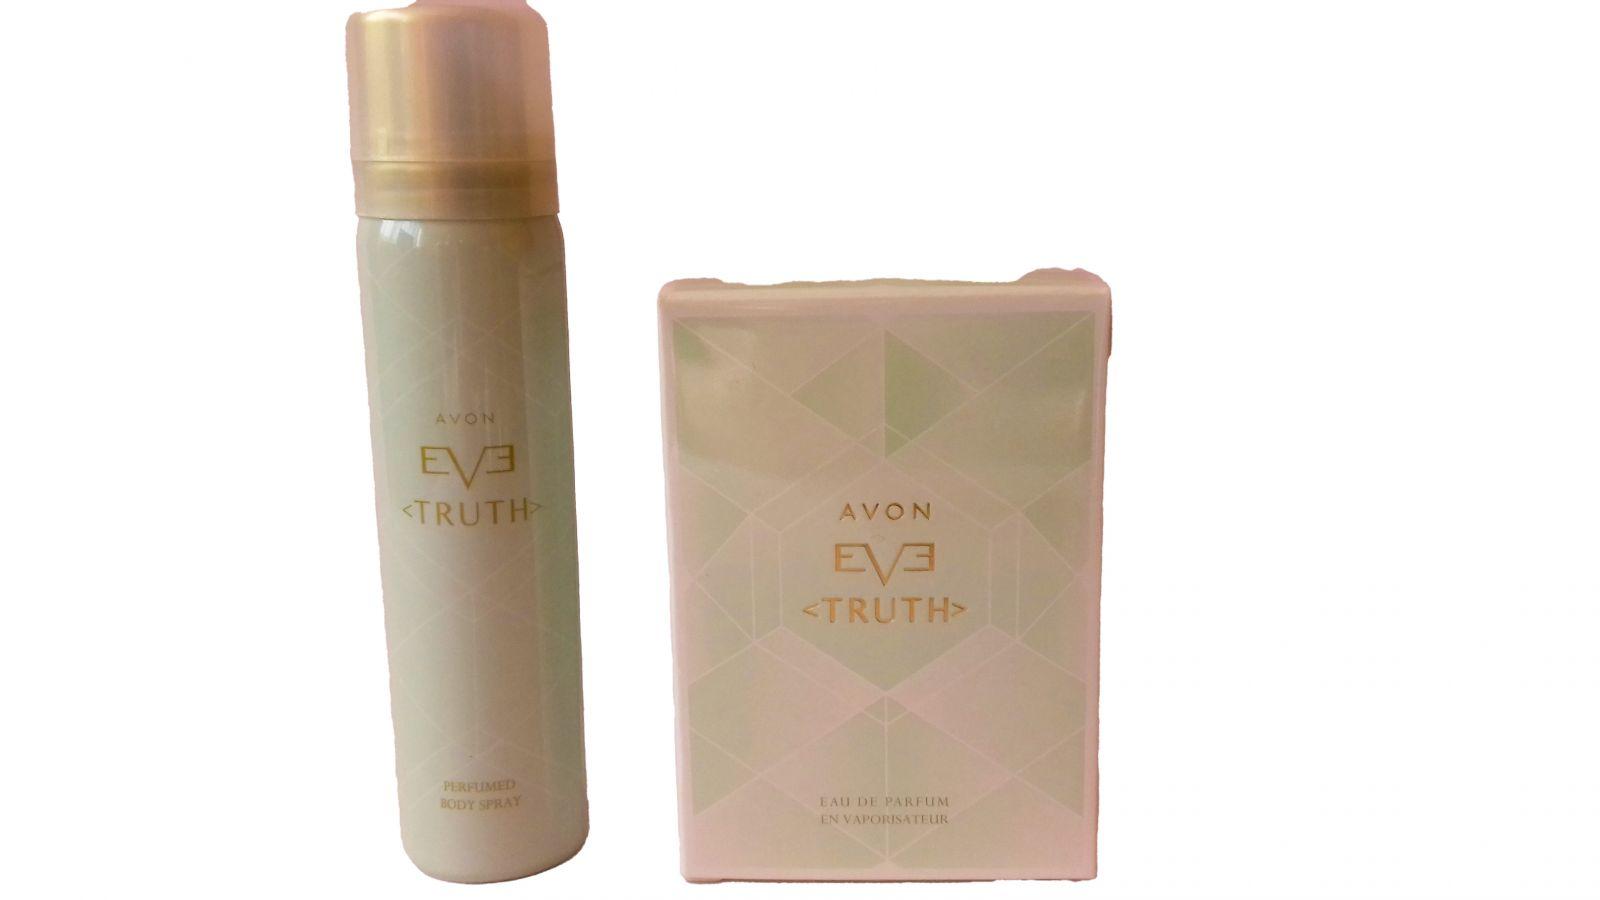 Avon Eve Truth Sada Parfém/tělový sprej